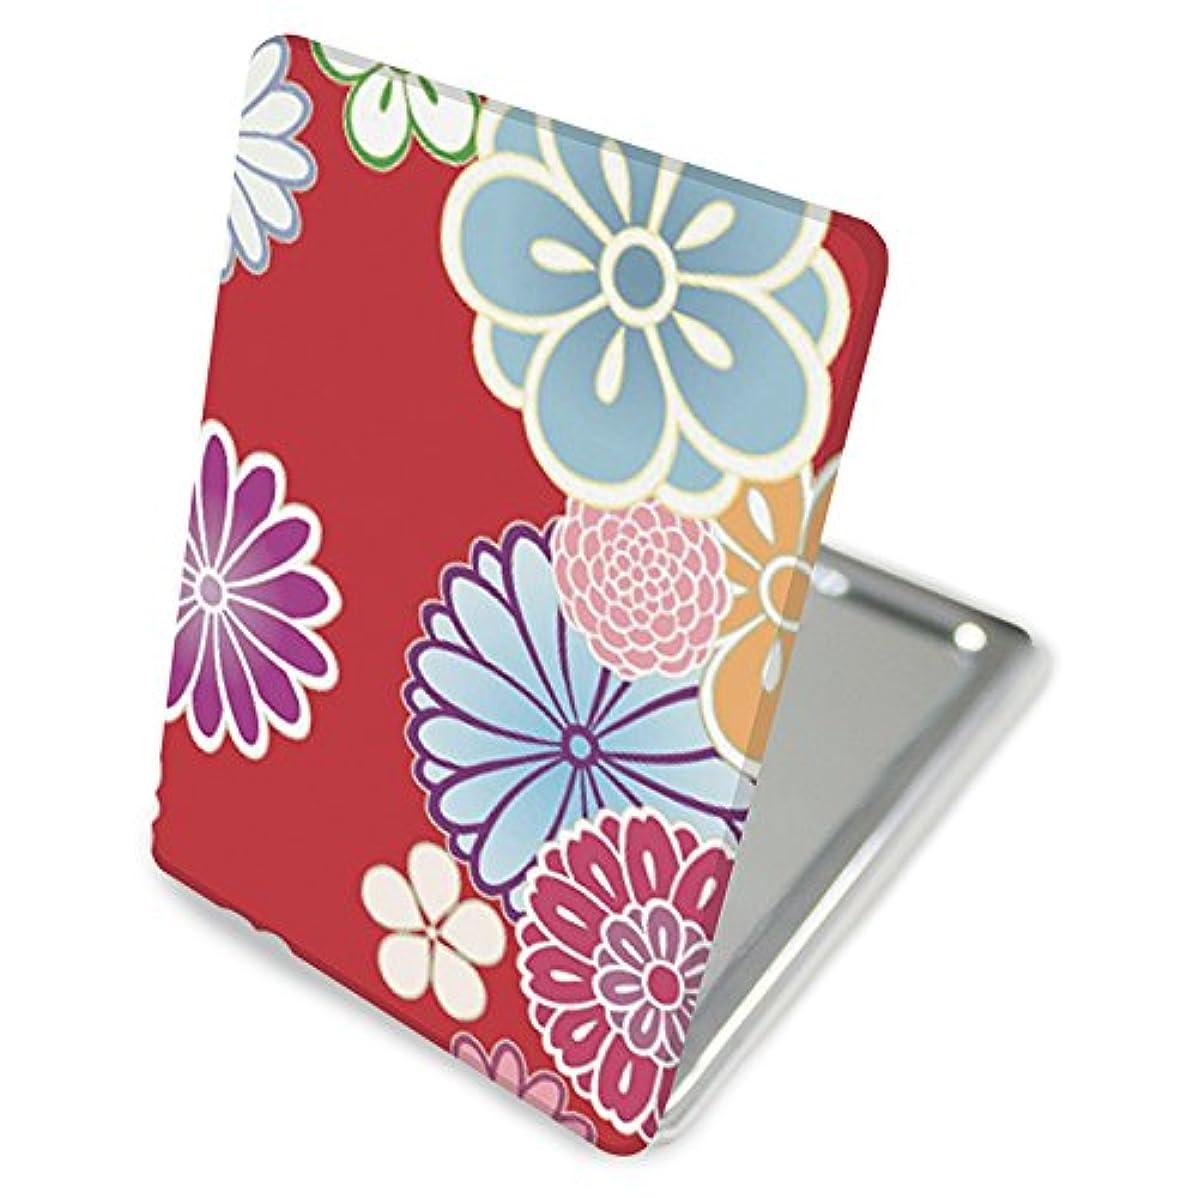 確執電極画家(カリーナ) Carine 手鏡 コンパクトミラー ハンドミラー 拡大鏡付 持ち歩きに便利 かわいい kgm014(C) 花柄 フラワー デザイン 和柄 和風 和花